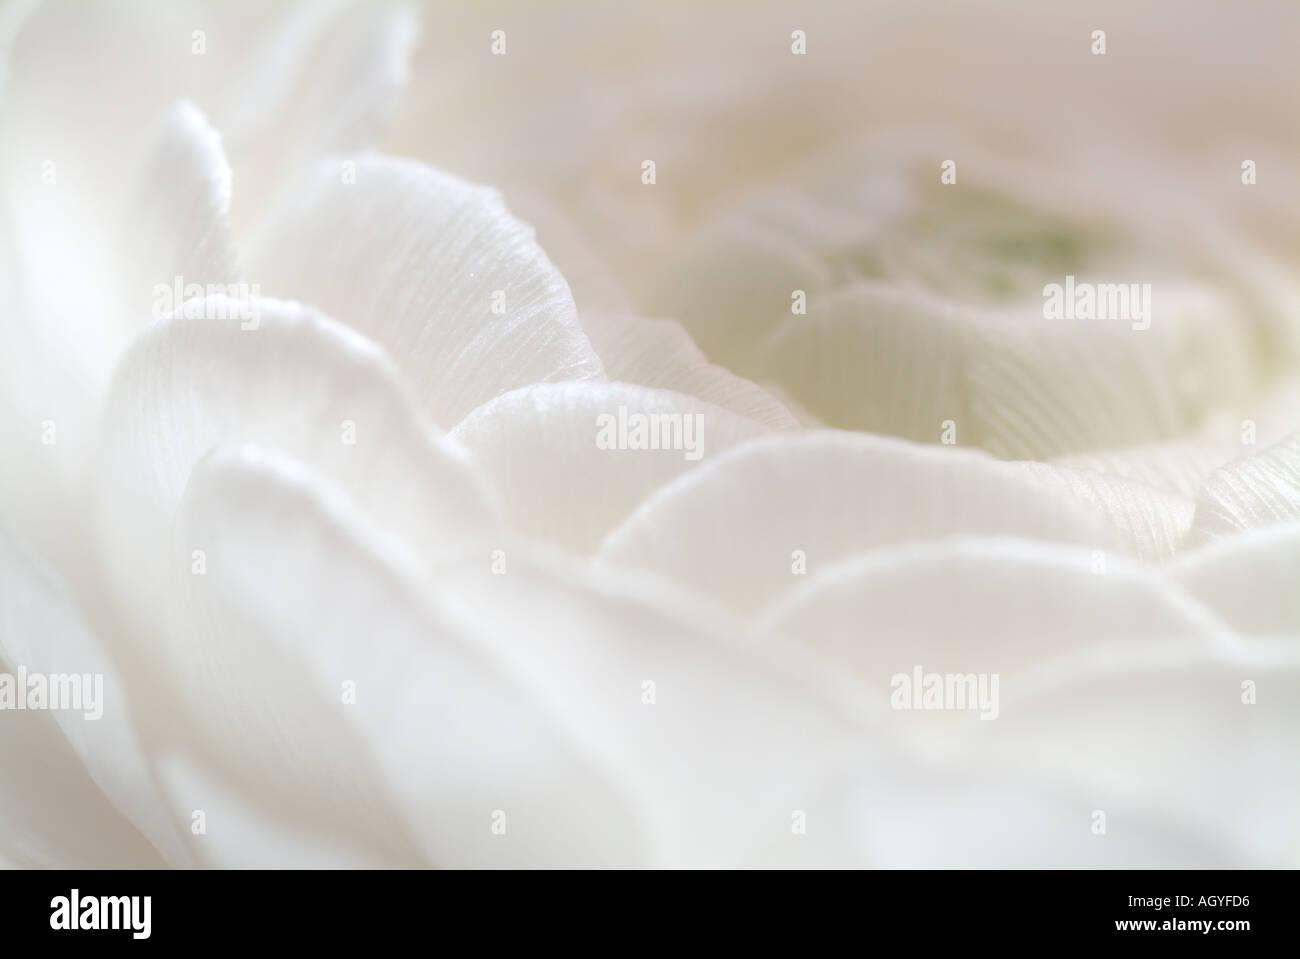 White Flower Detail - Stock Image